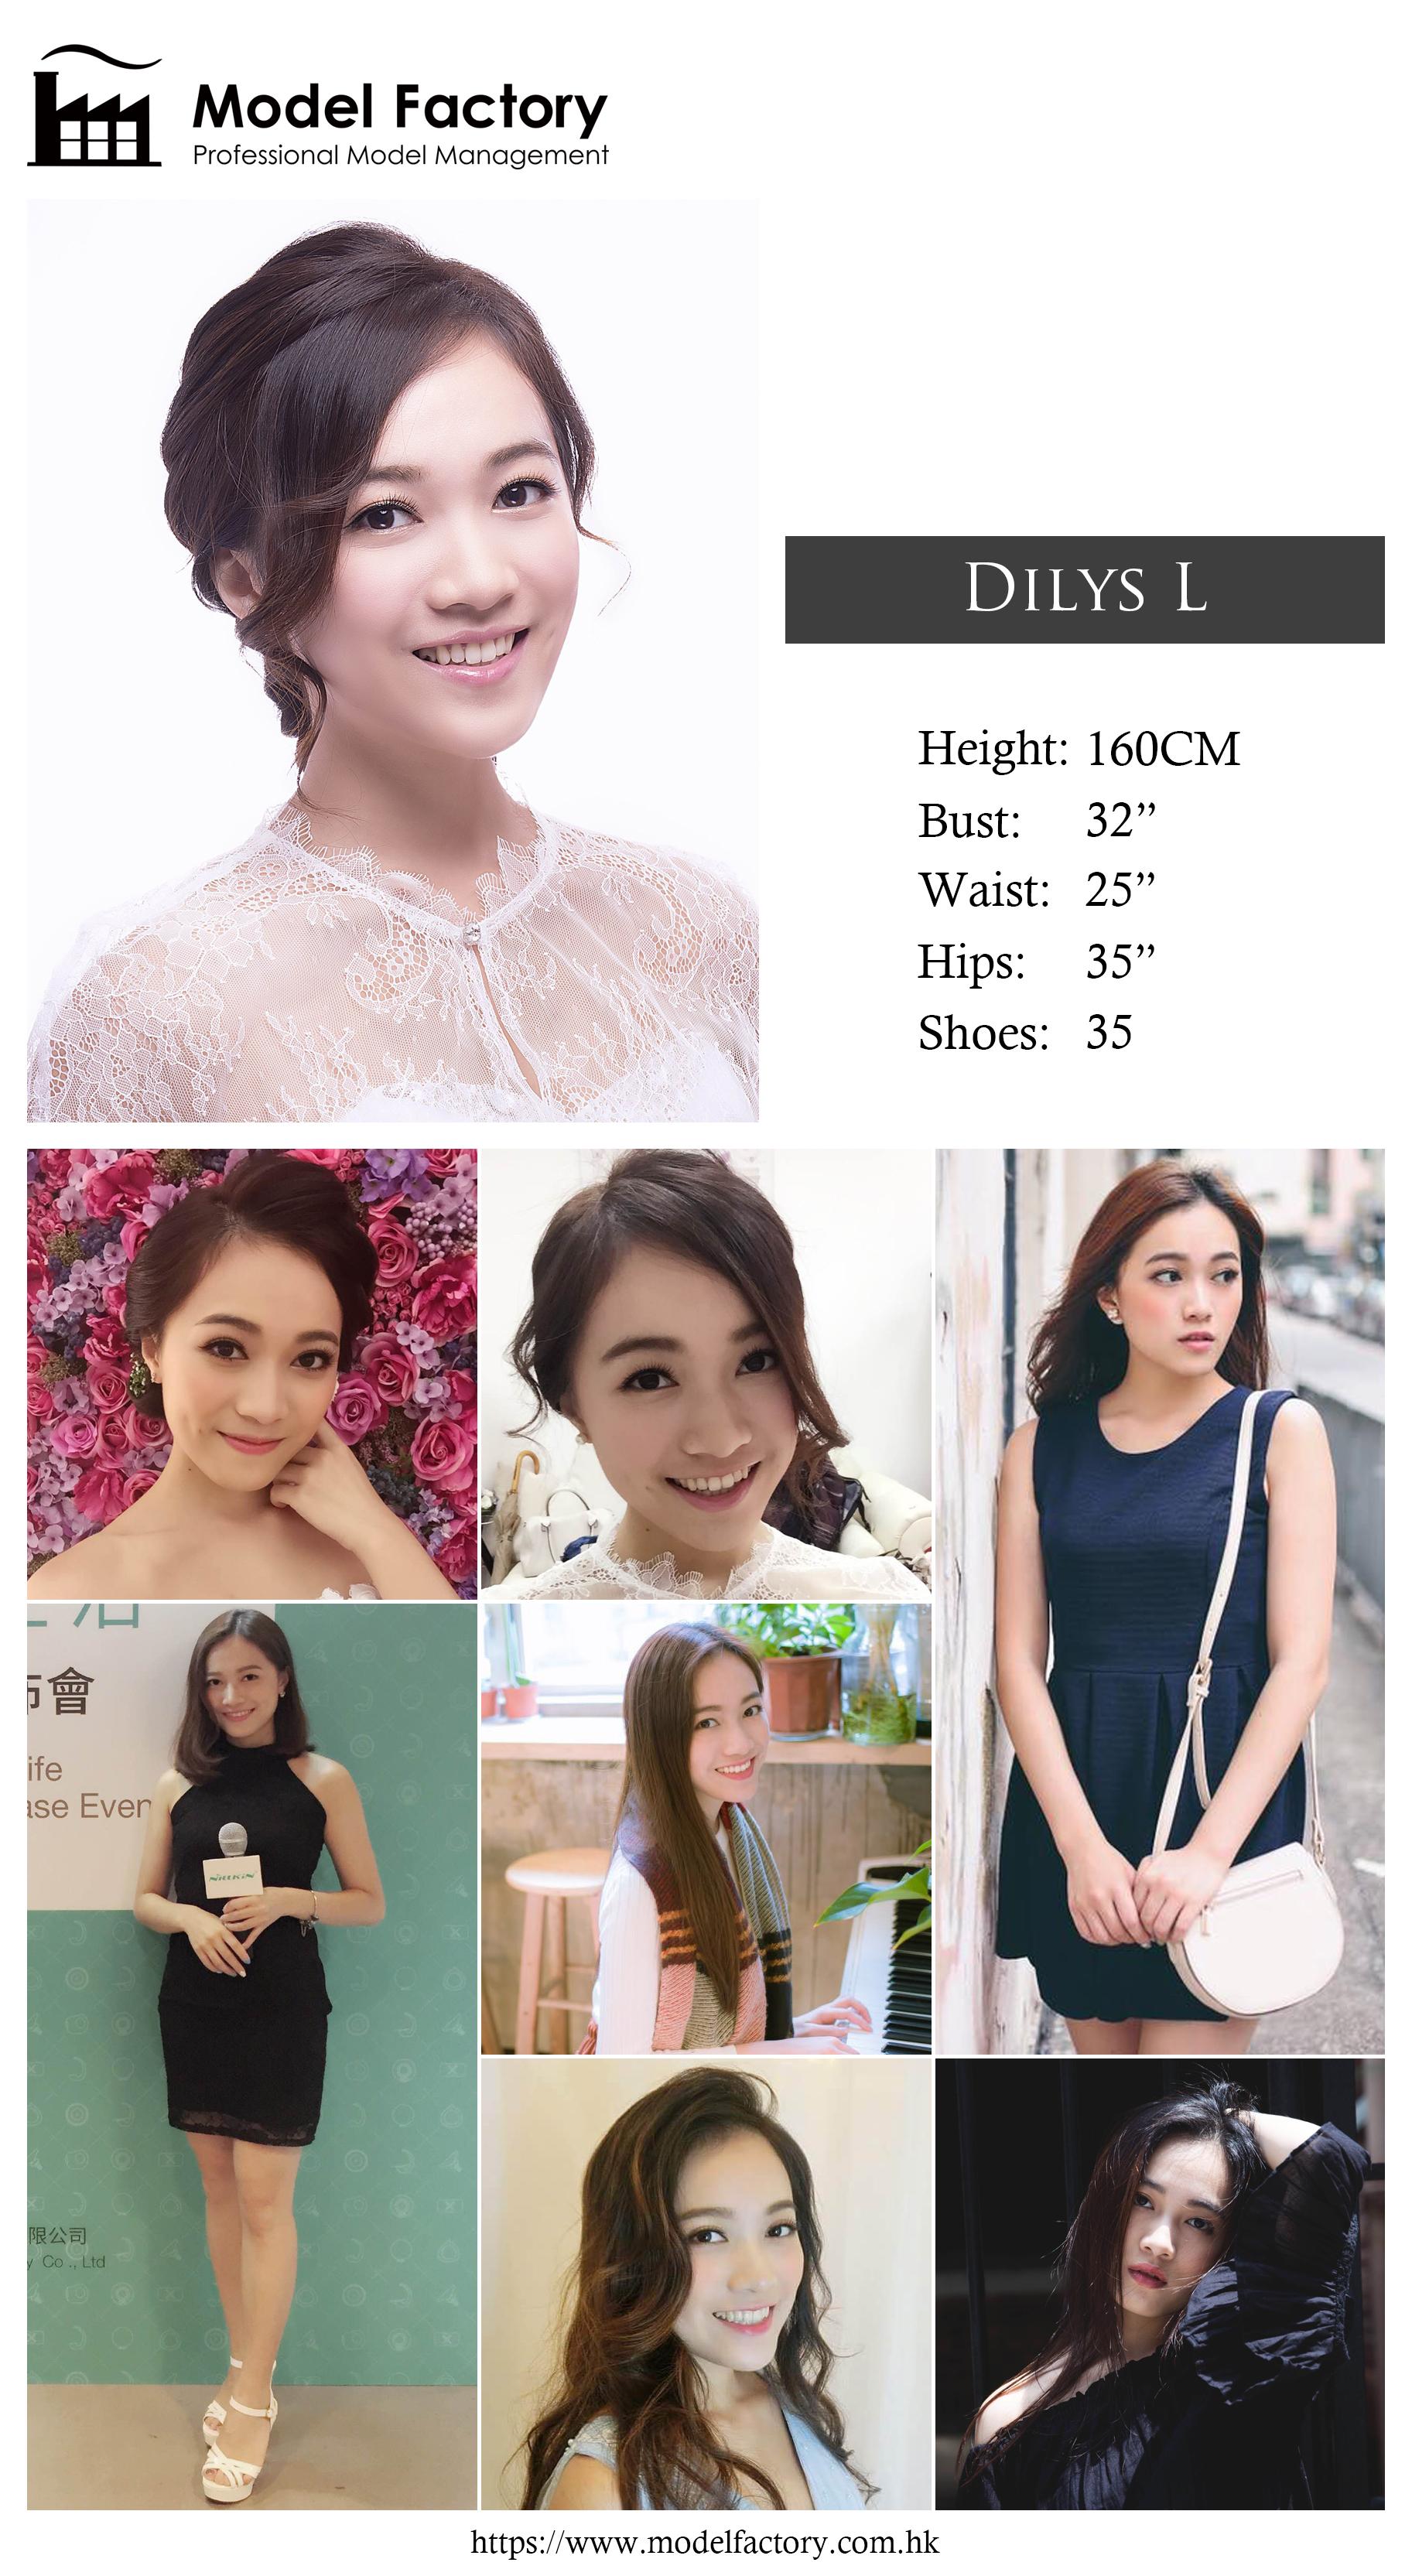 Model Factory Hong Kong Female Model DilysL